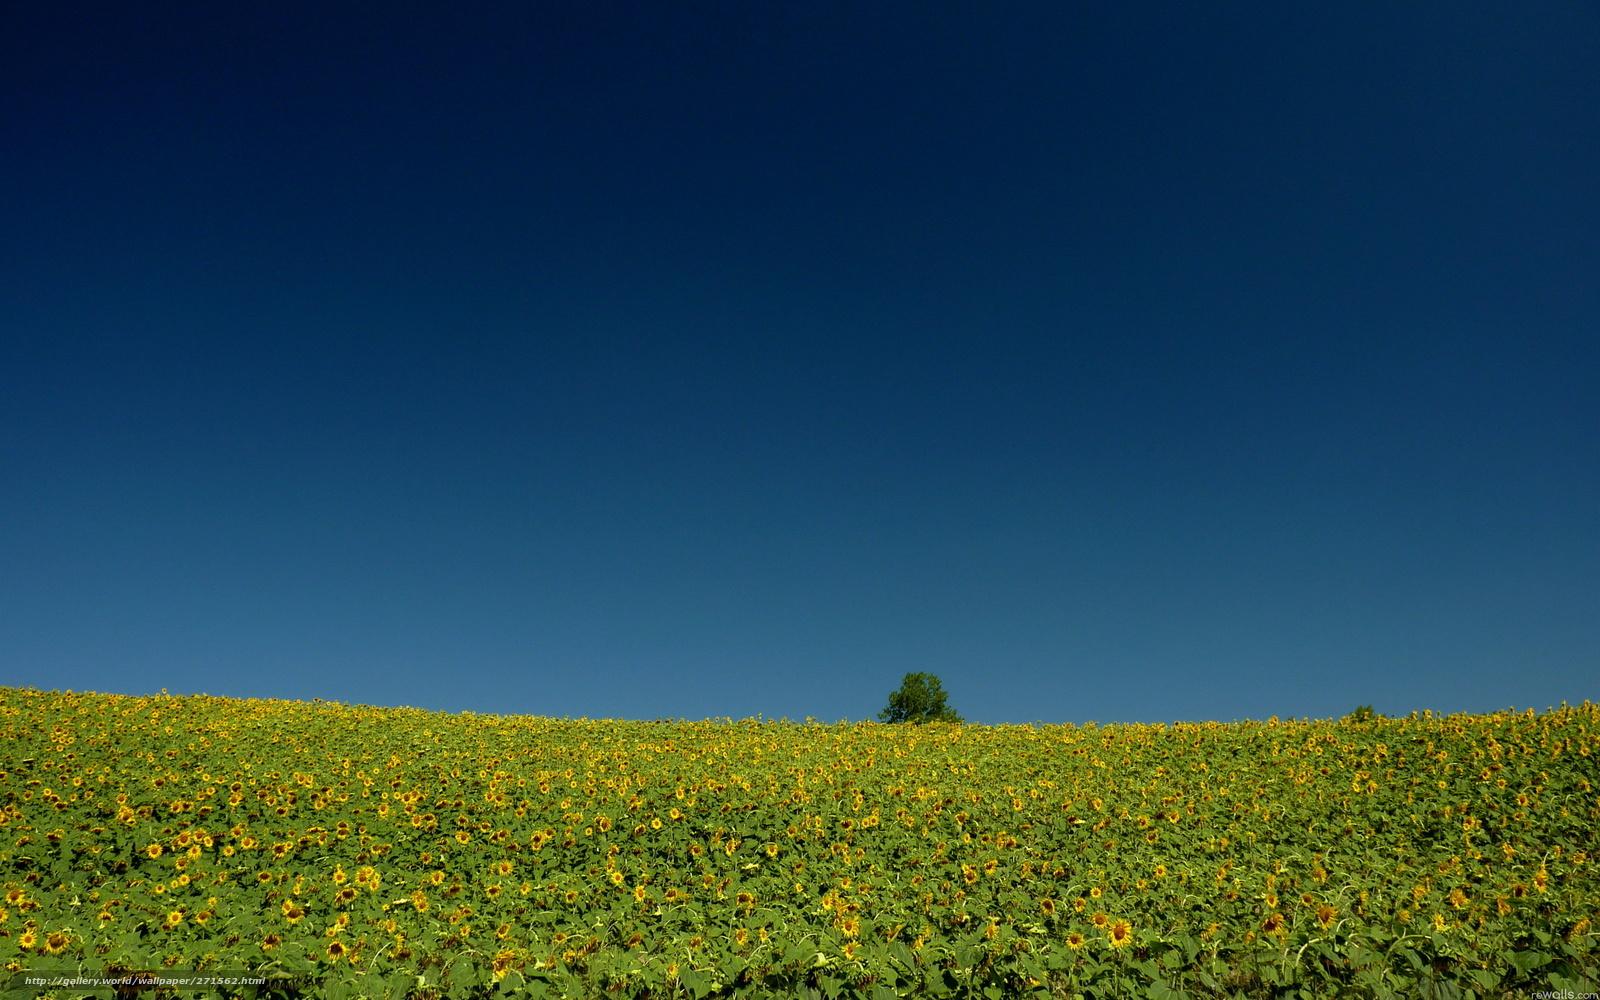 Descargar gratis campo verano naturaleza paisaje fondos de escritorio en la resolucin - Fondos de escritorio verano ...